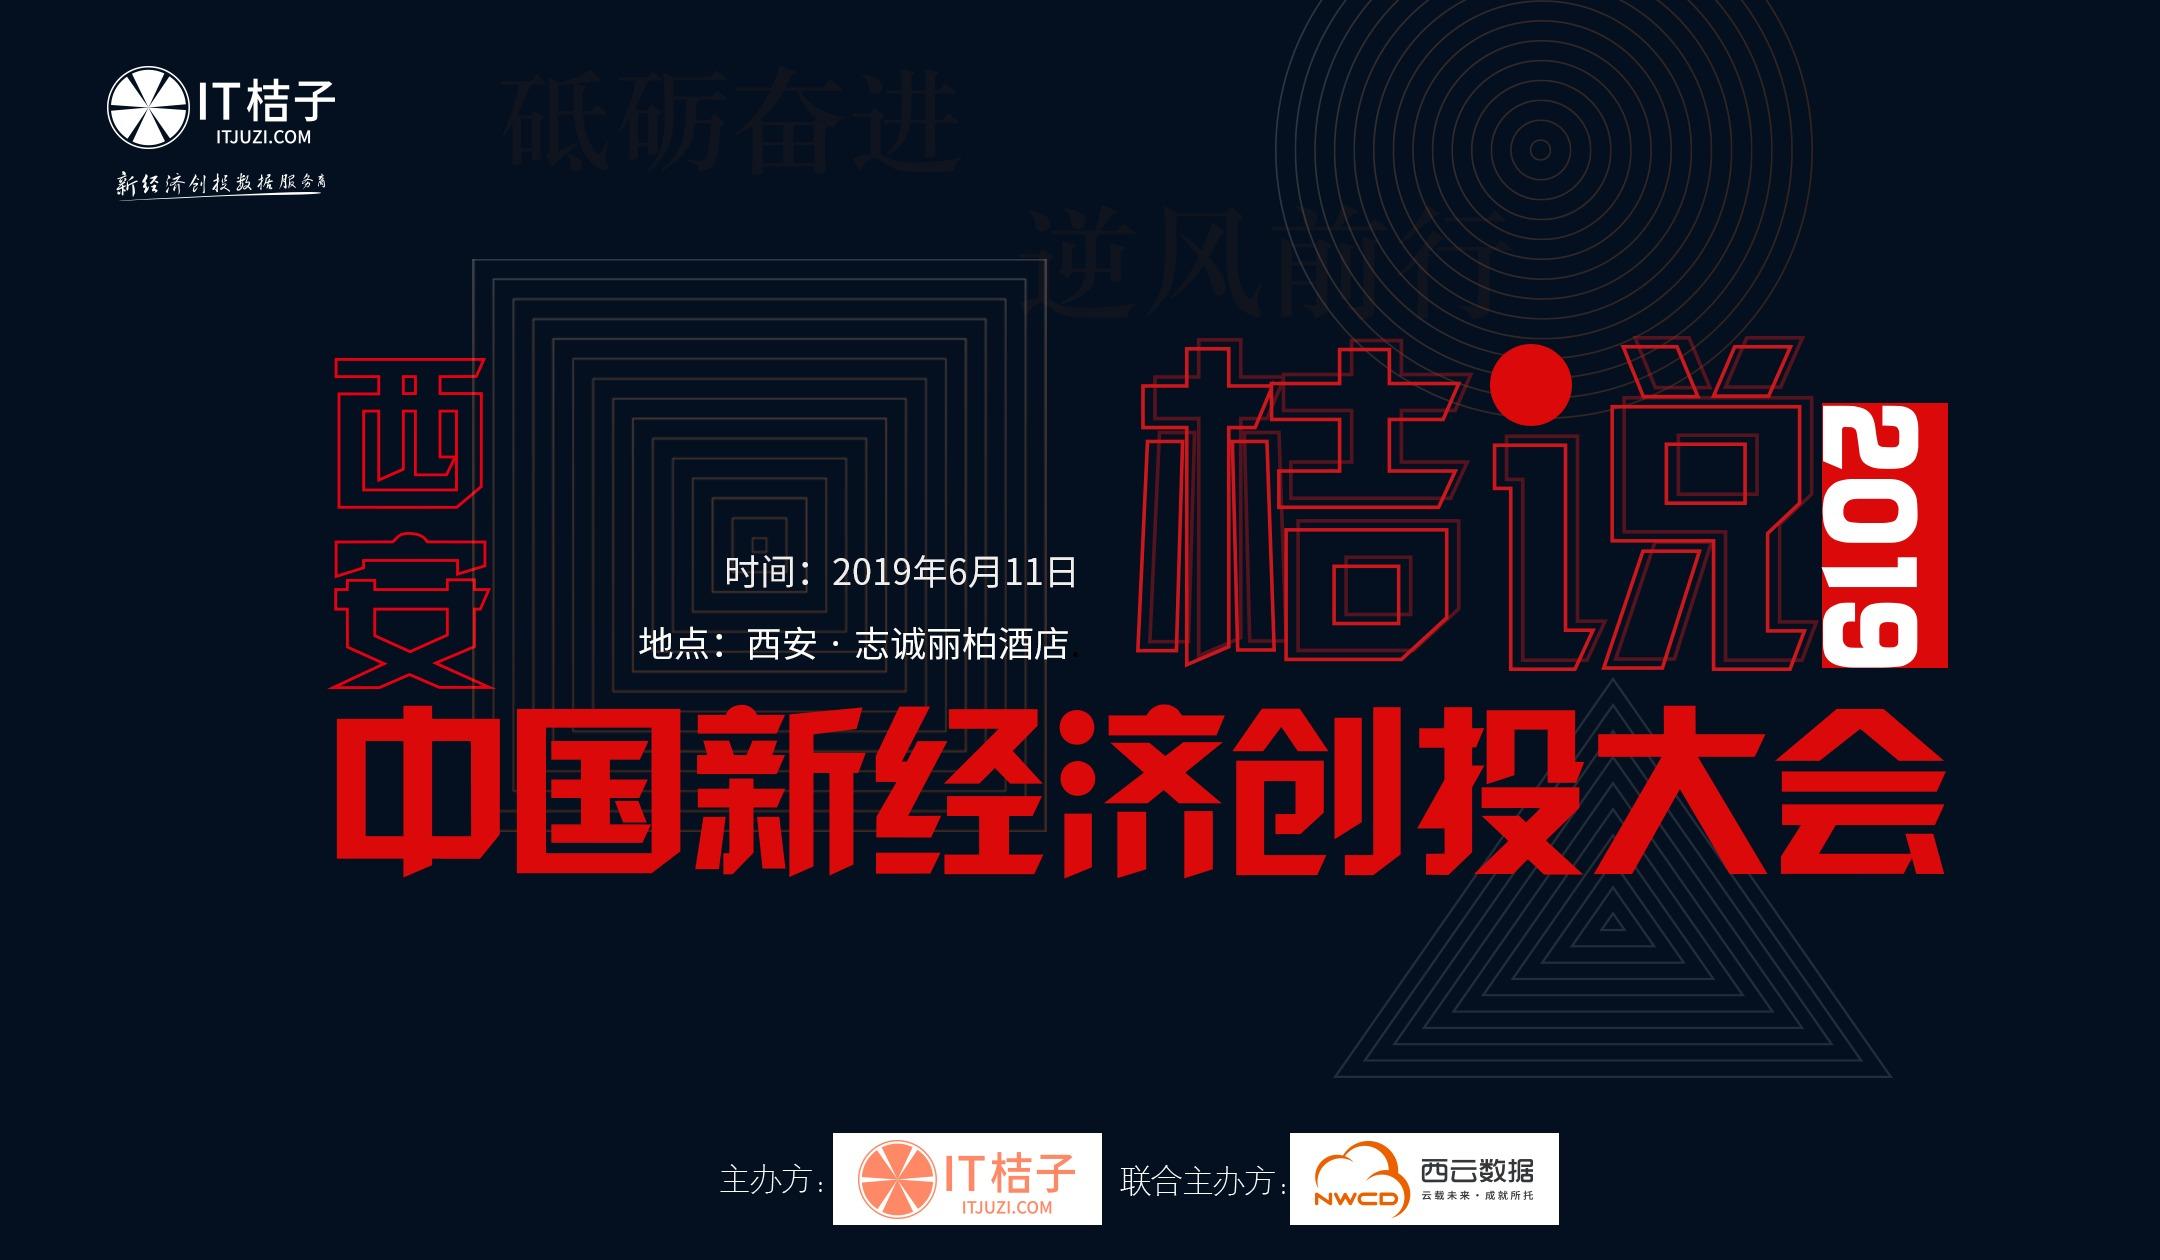 桔说2019:中国新经济创投大会——西安站